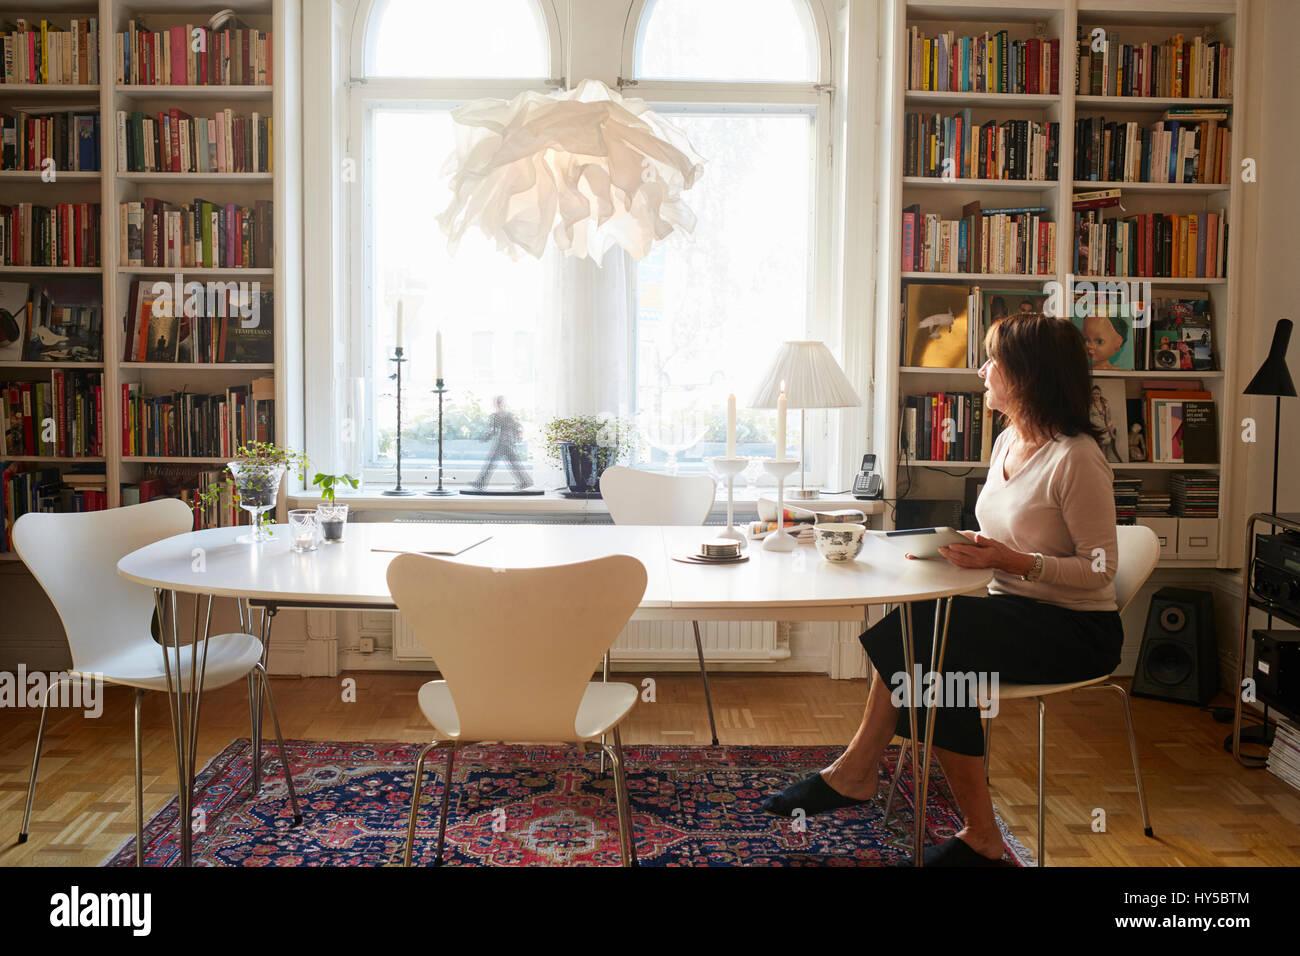 Schweden, Frau alleine sitzen am Tisch Stockbild